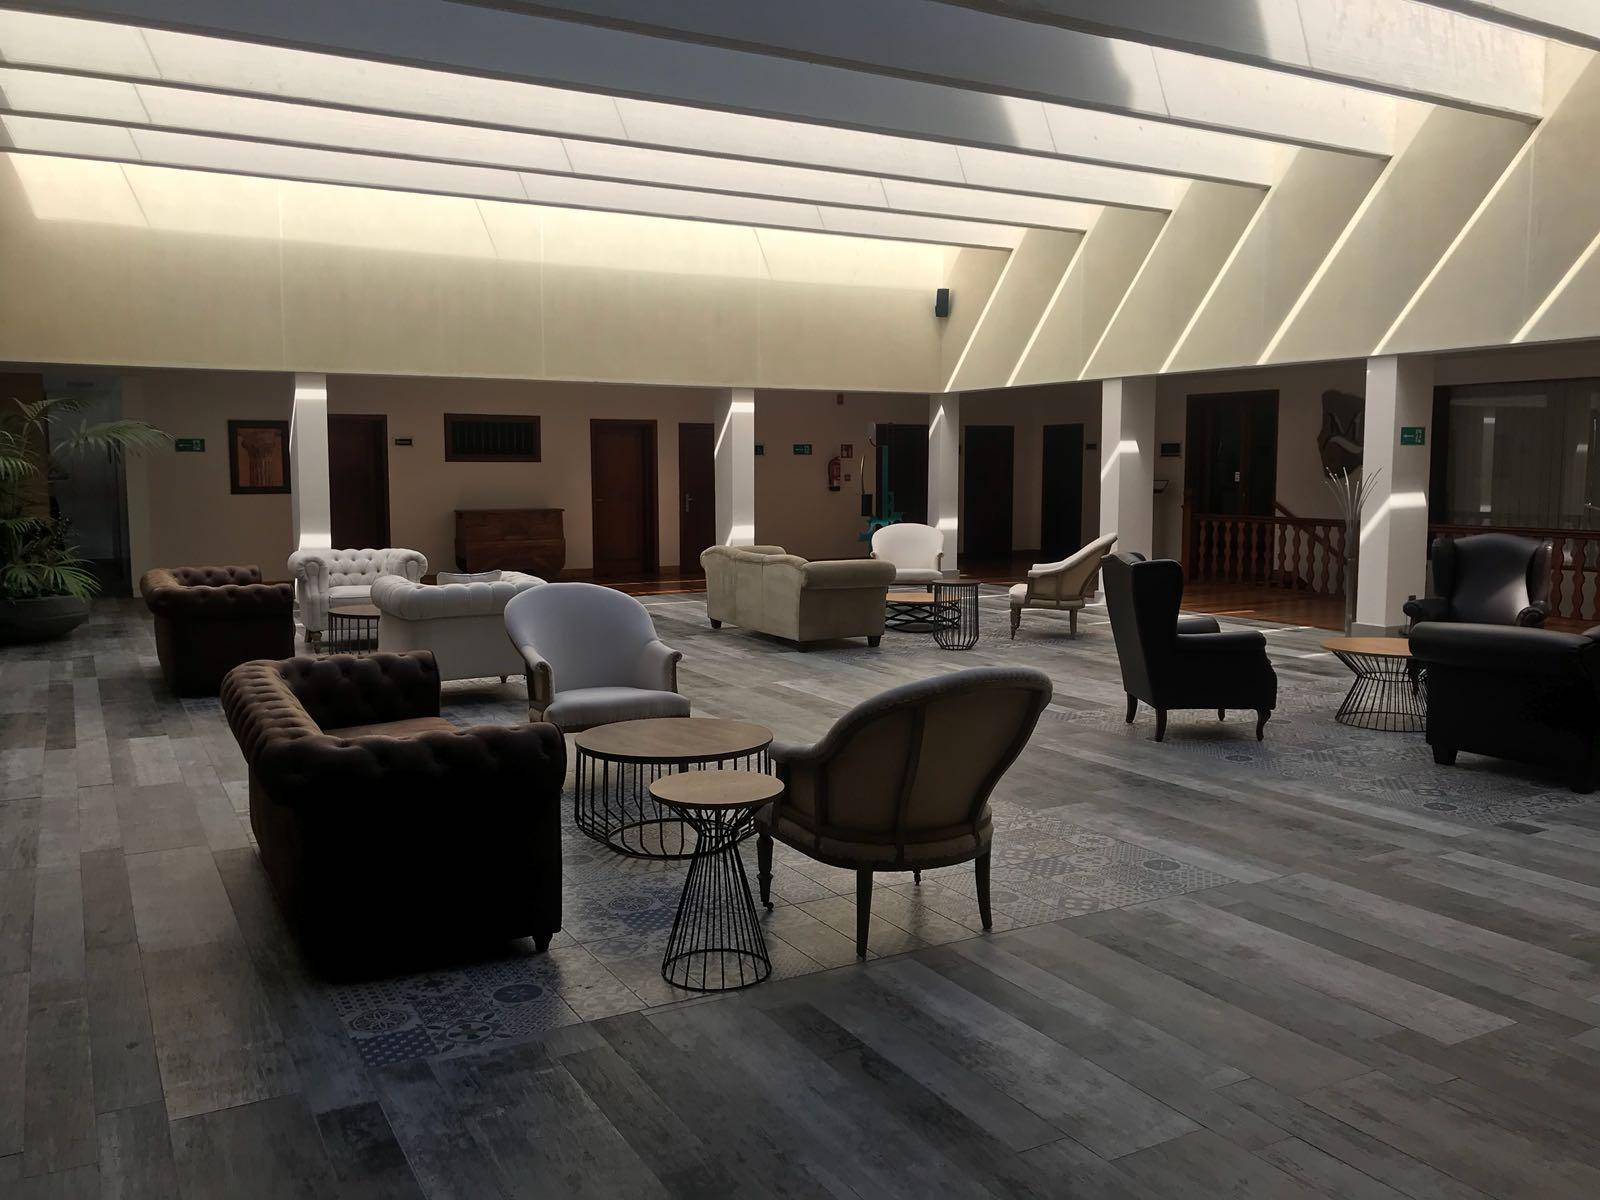 hotelmirador5.jpeg